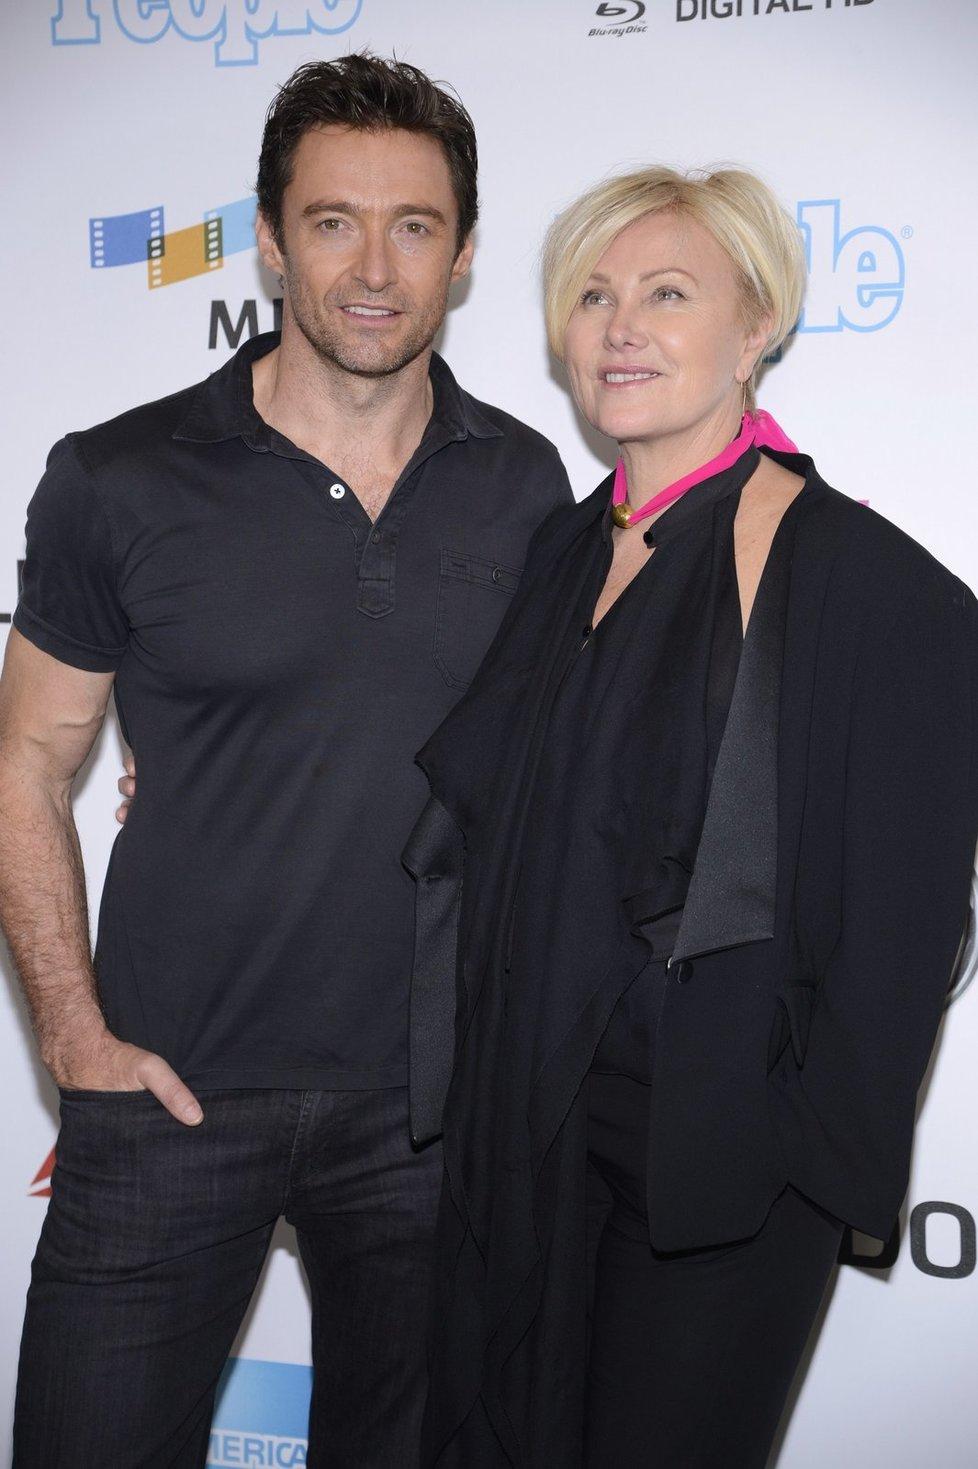 Hugh Jackman je se svou manželkou Deborra-Lee Furness 18 let.